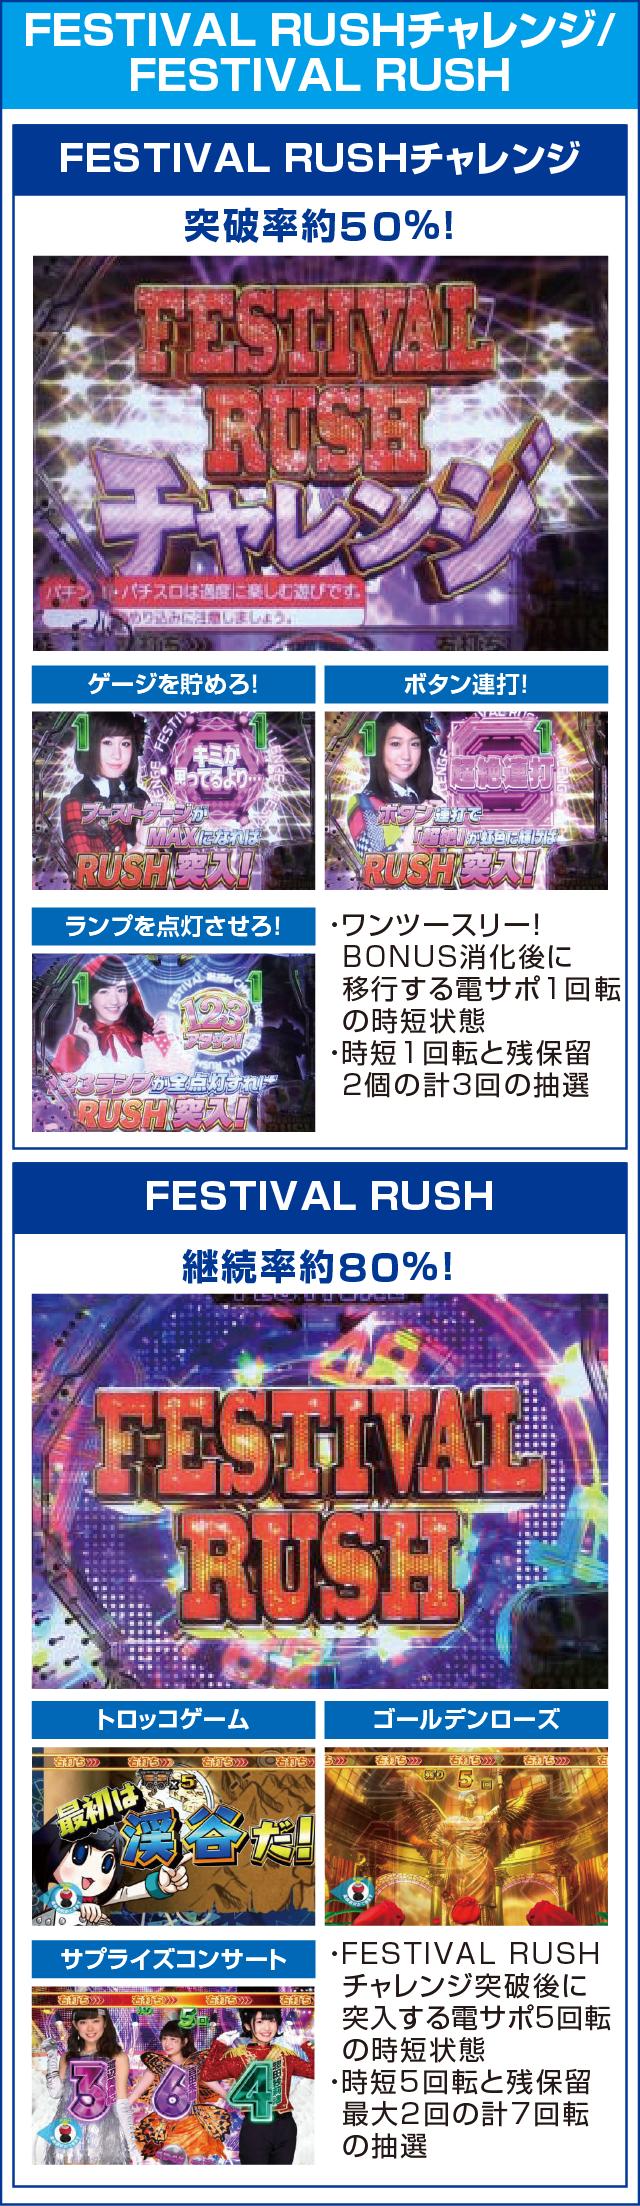 ぱちんこ AKB48 ワン・ツー・スリー!! フェスティバルのピックアップポイント